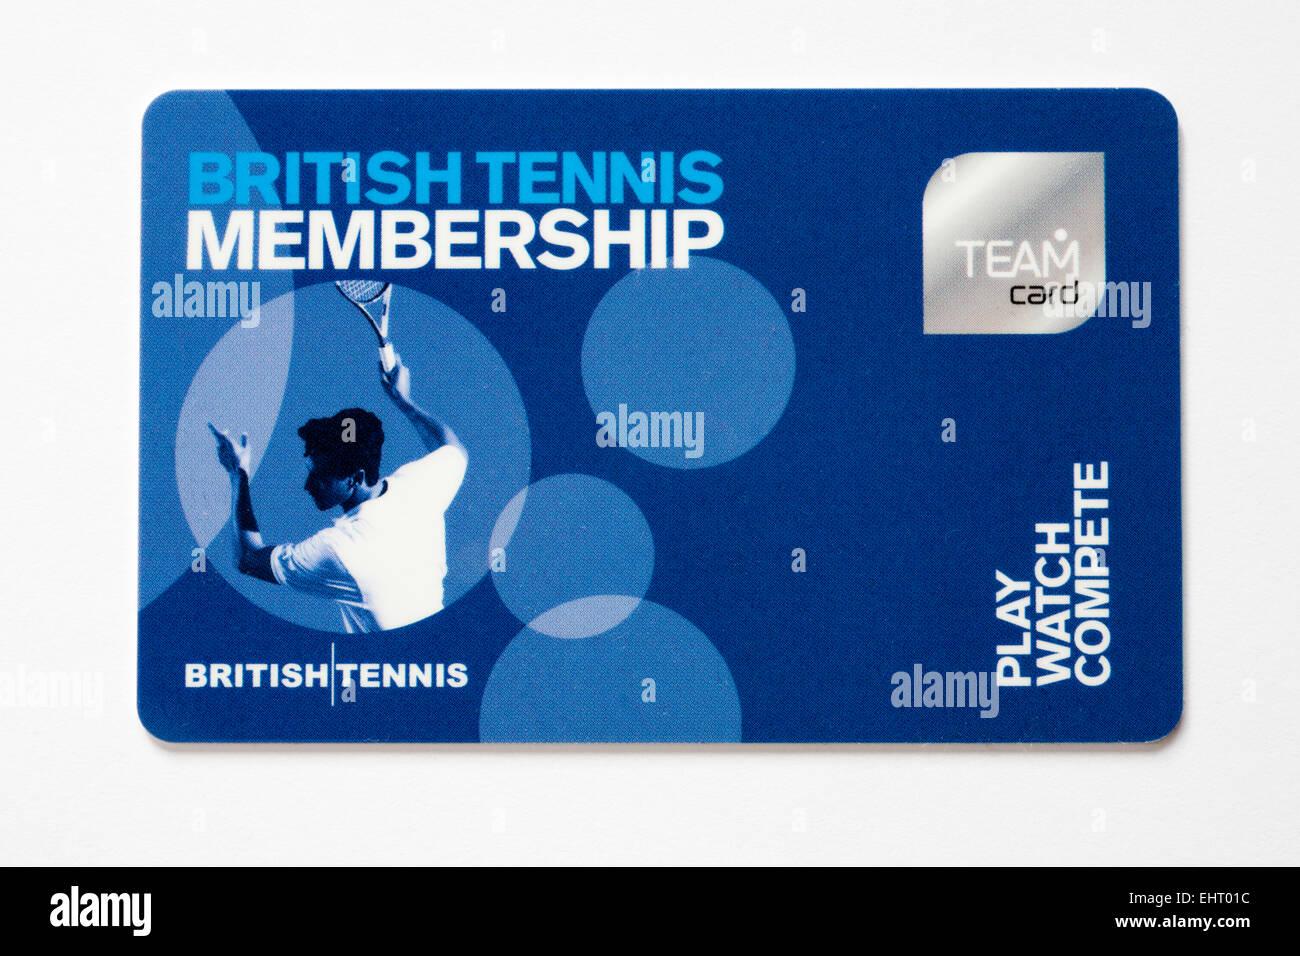 La pertenencia de tenis británico team tarjeta de plástico aislado sobre fondo blanco. Imagen De Stock